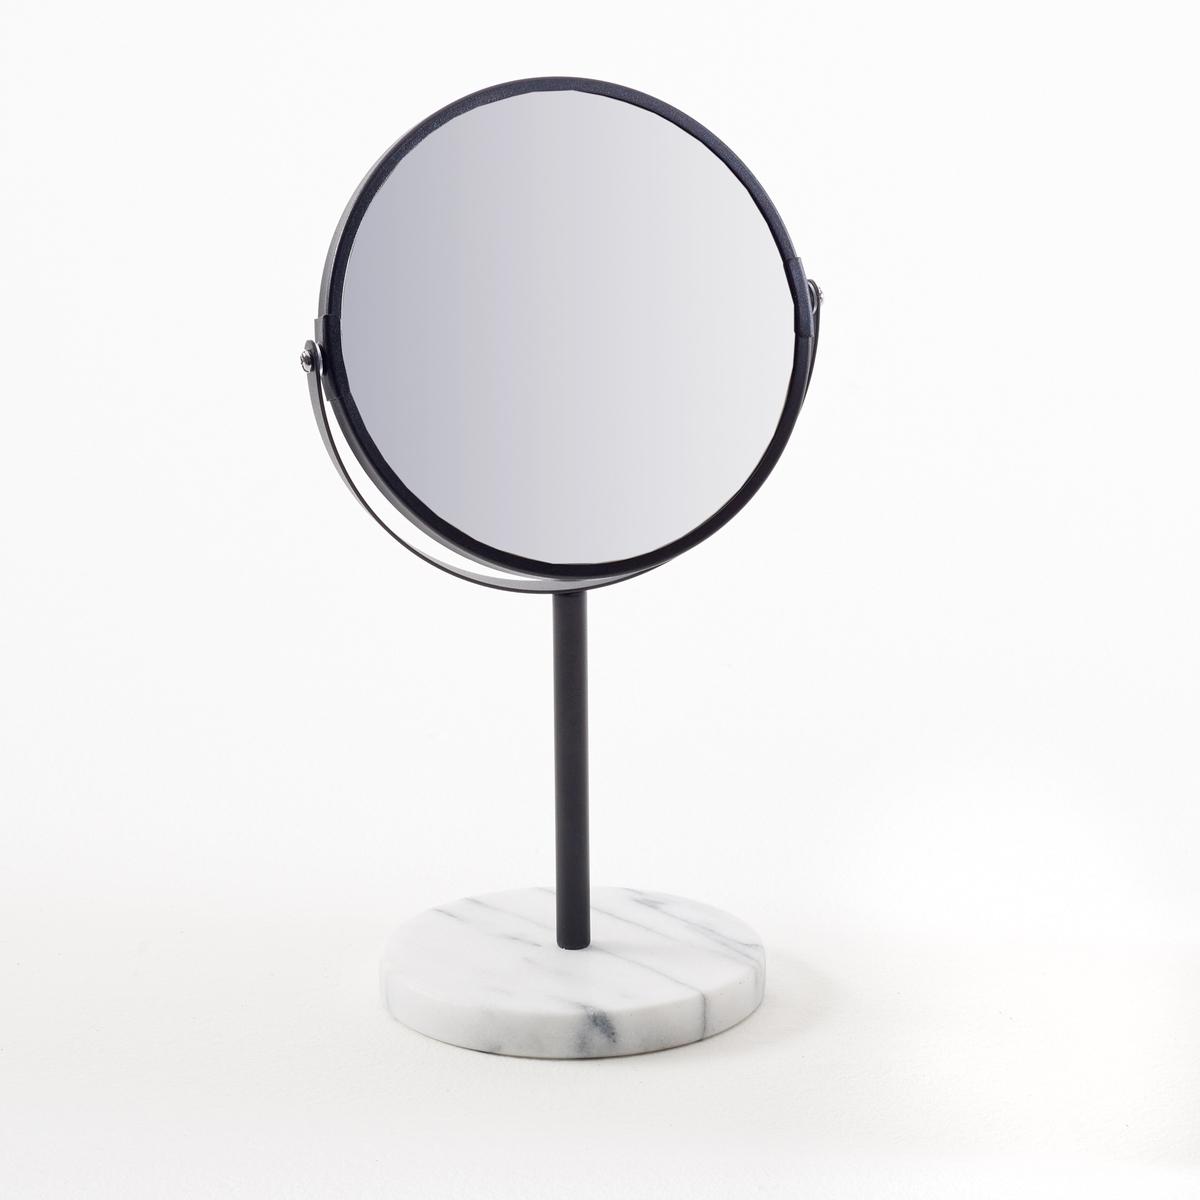 Зеркало с мраморным цоколем SeliasХарактеристики зеркала Selias:                                         Круглое основание из белого мрамора.Круглое поворотное зеркало.                                       Размеры зеркала Selias:Цоколь: ?14,5 см.Зеркало: 18 x 0,2 см.Высота: 34,5 см.Размеры и вес в упаковке:1 упаковка.23 x В.24 x Г.8,5 см.1,4 кг.<br><br>Цвет: черный